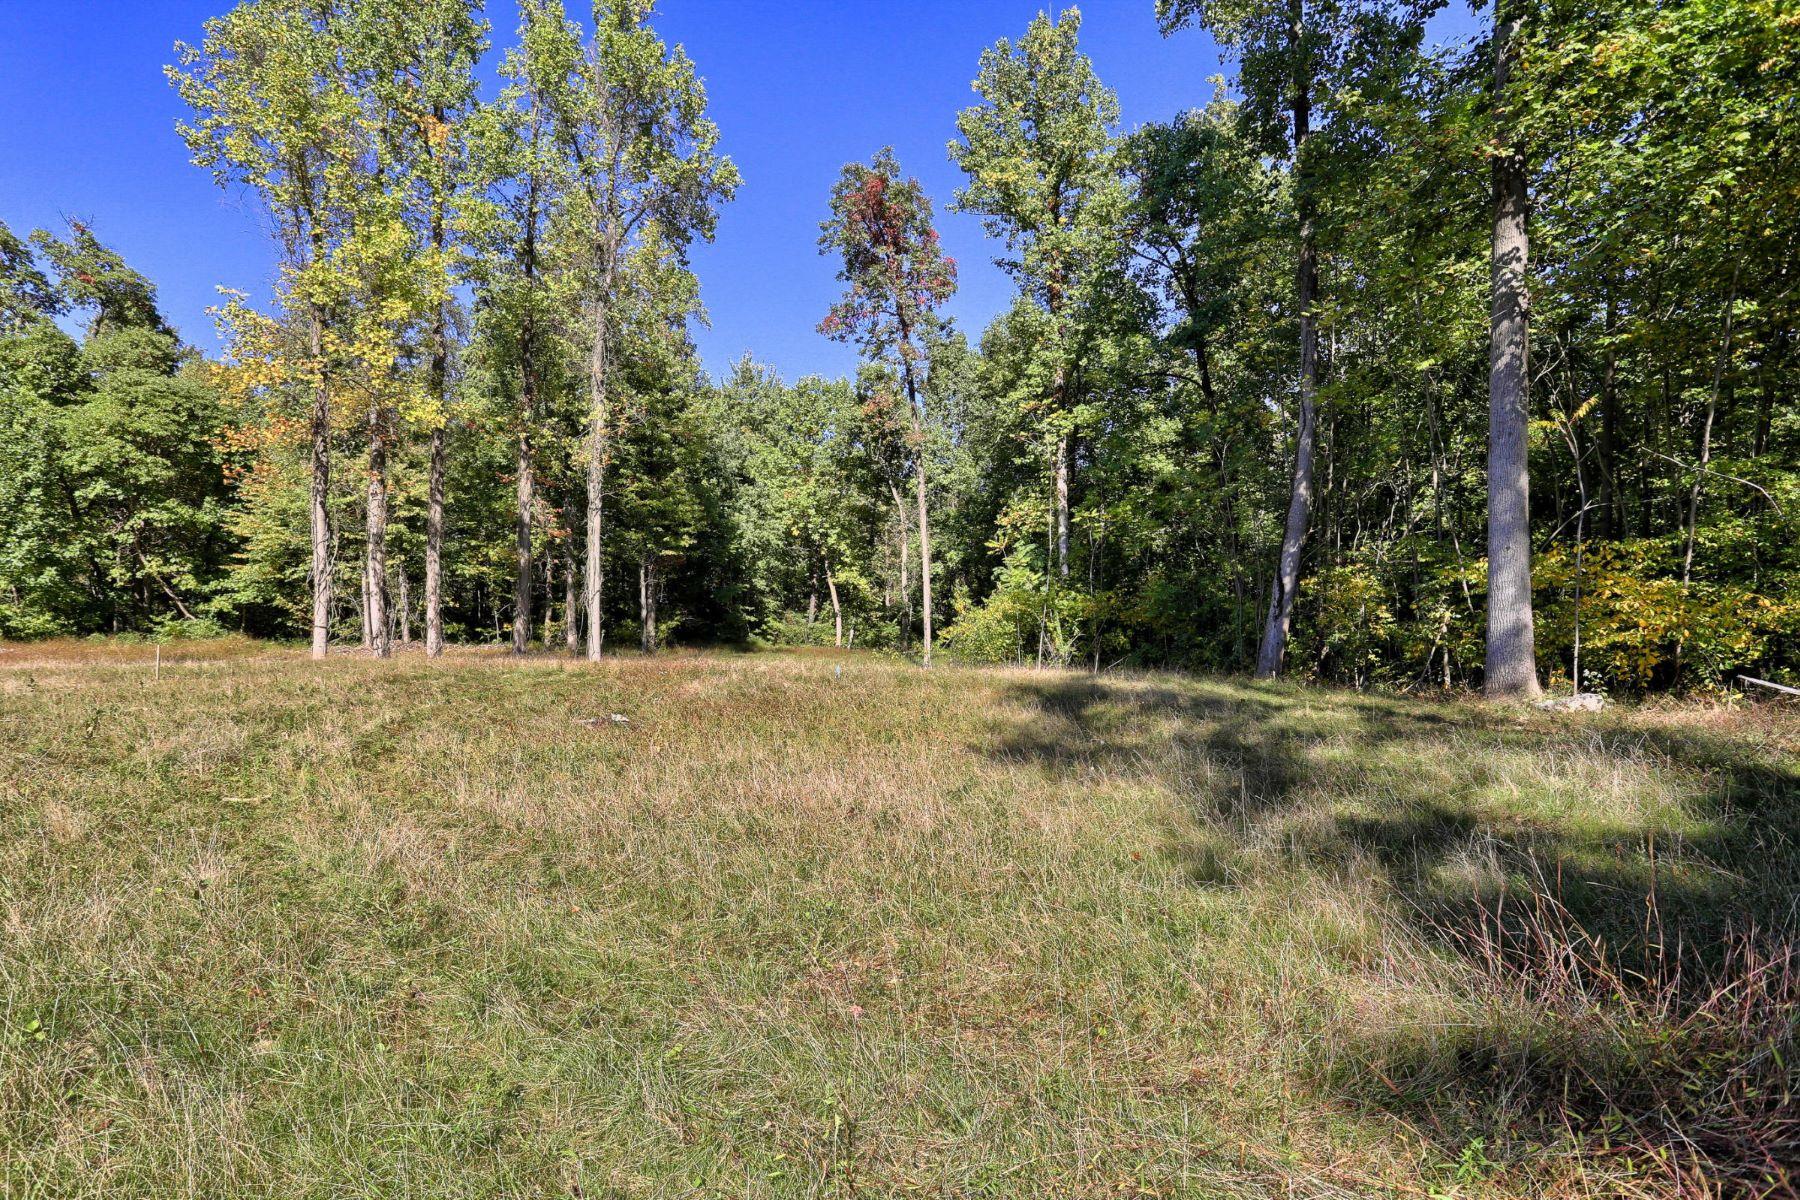 Terrain pour l Vente à Hilldale Estates 63 Hilldale Road lot 9 Pequea, Pennsylvanie 17565 États-Unis